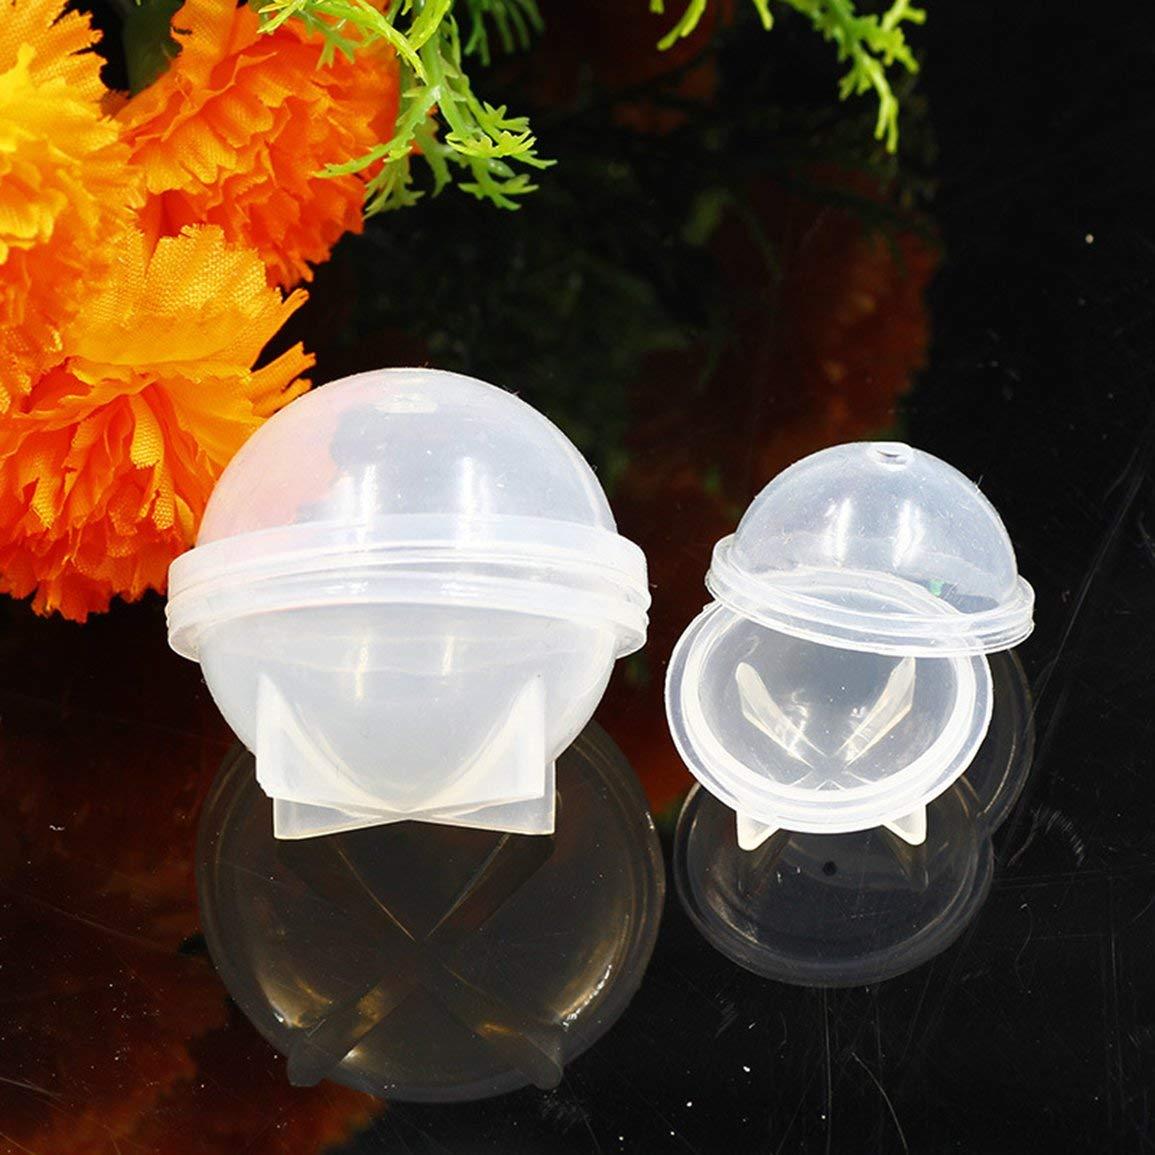 colore: trasparente Sfera rotonda in resina epossidica stampo in resina epossidica palla per gioielli di fiori Campione fai da te fatto a mano in cristallo goccia gel palla dimensioni: 20 mm